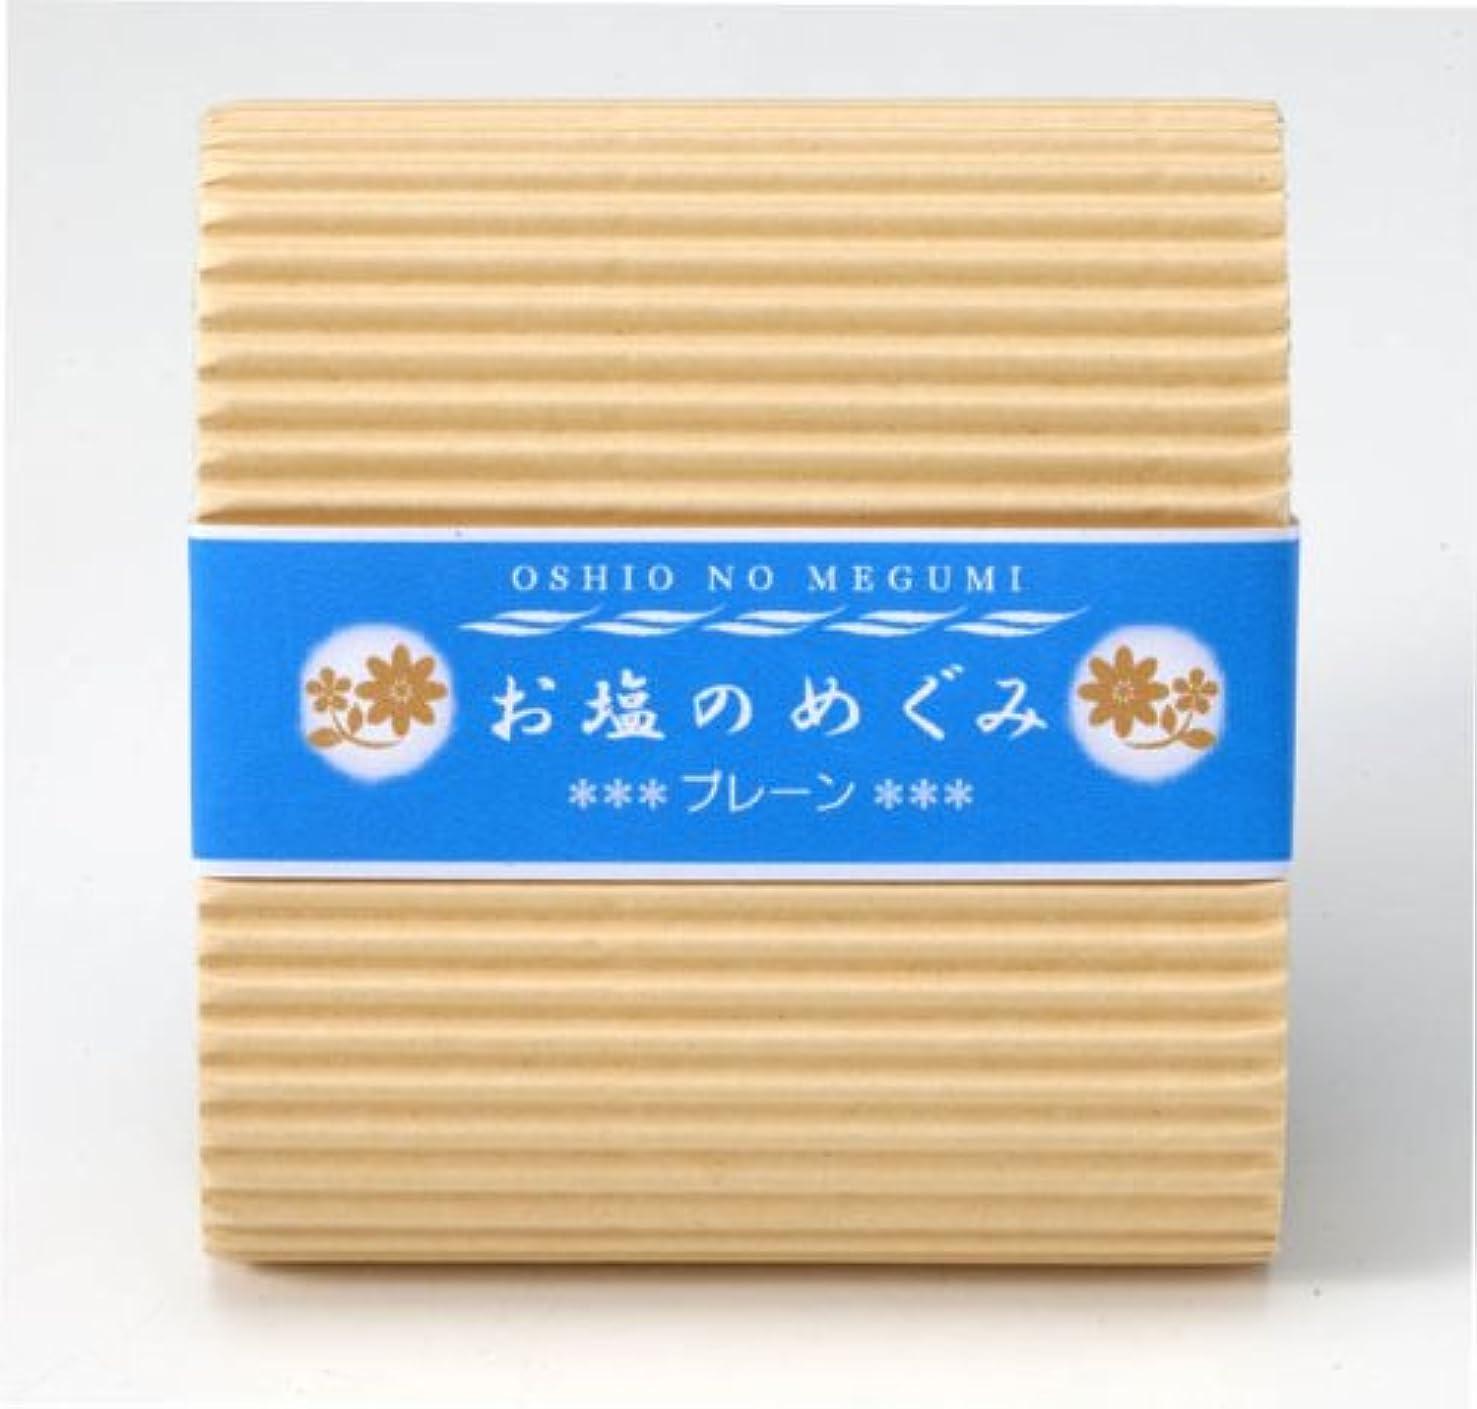 弓政府テクスチャーお塩のめぐみ プレーン 90g